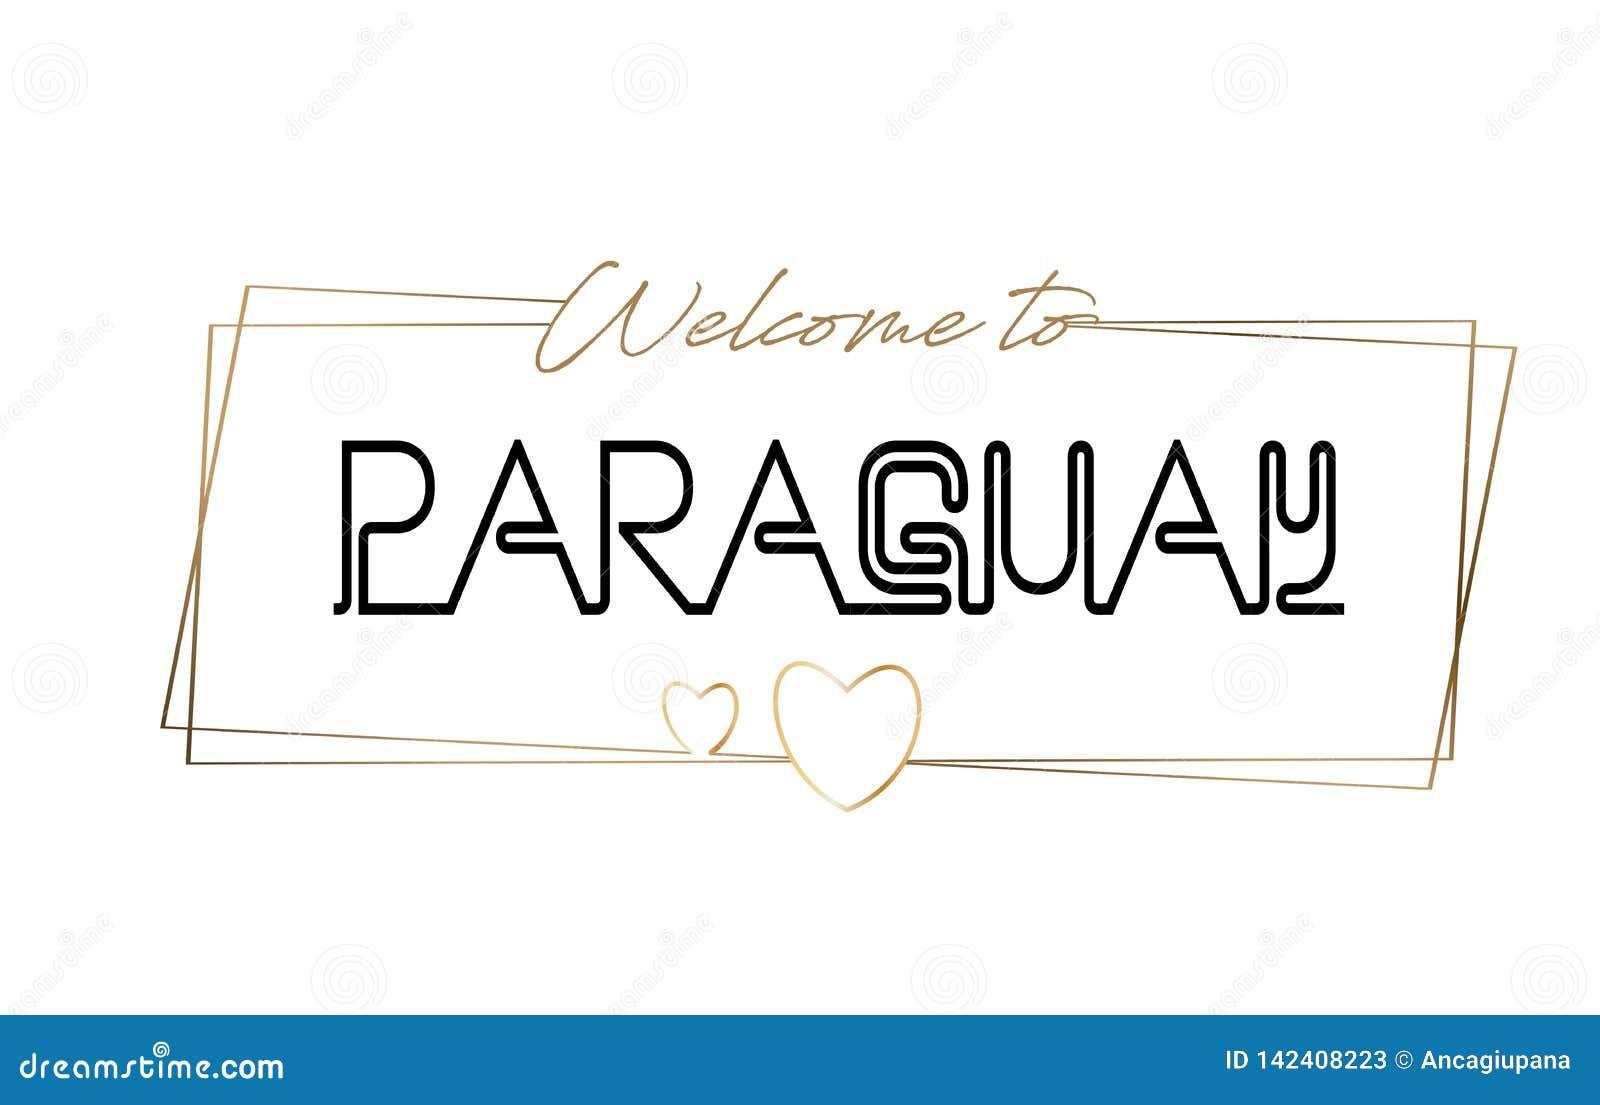 Accueil du Paraguay pour textoter la typographie de inscription au néon Word pour le logotype, insigne, icône, carte postale, log